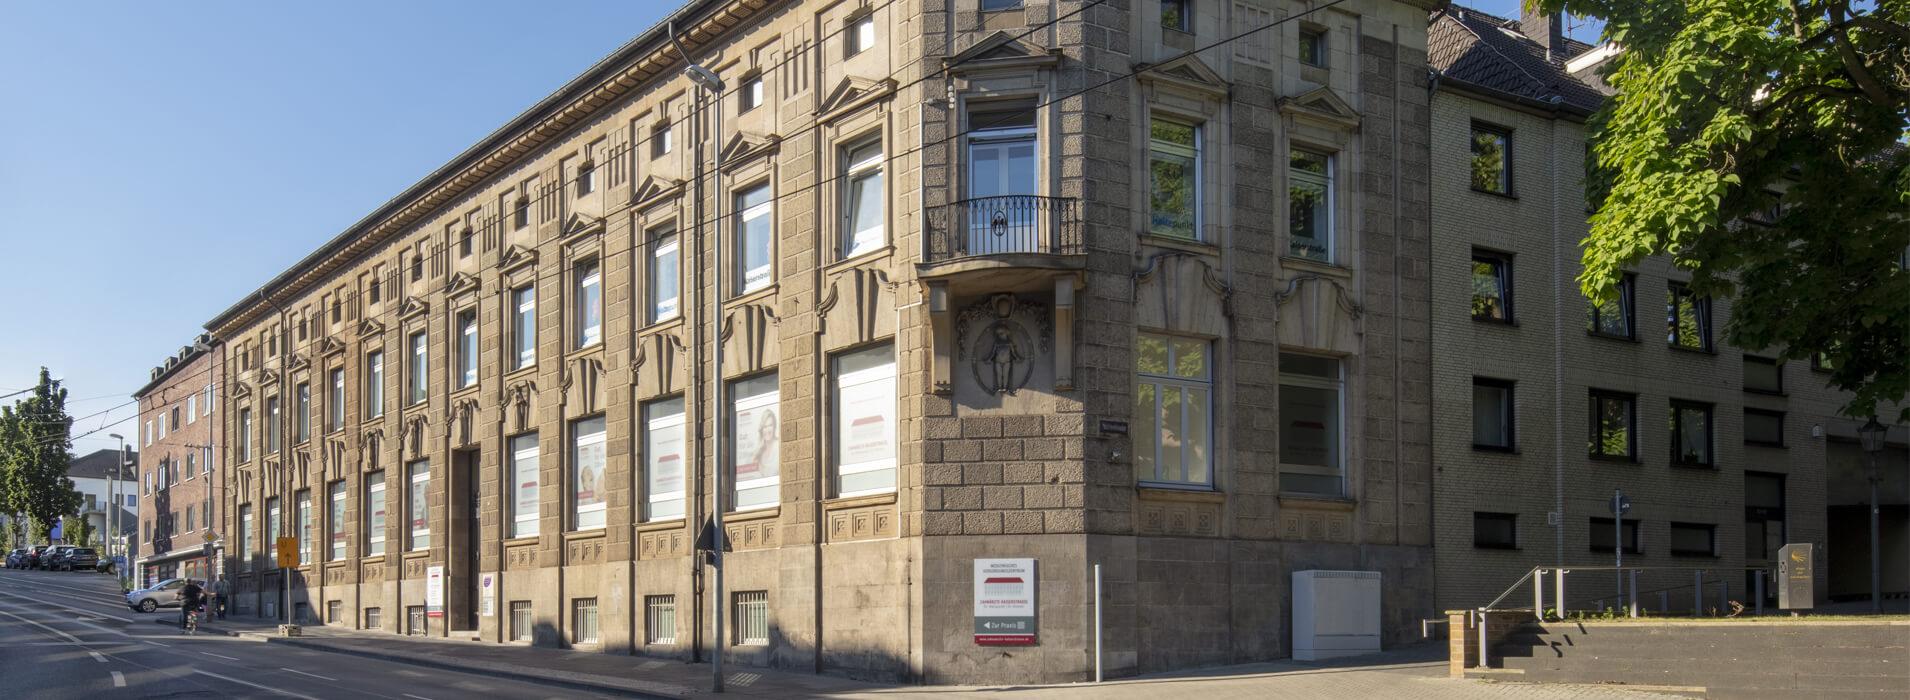 Zahnarztpraxis Mülheim an der Ruhr - Zahnärzte Kaisertraße Bild 3